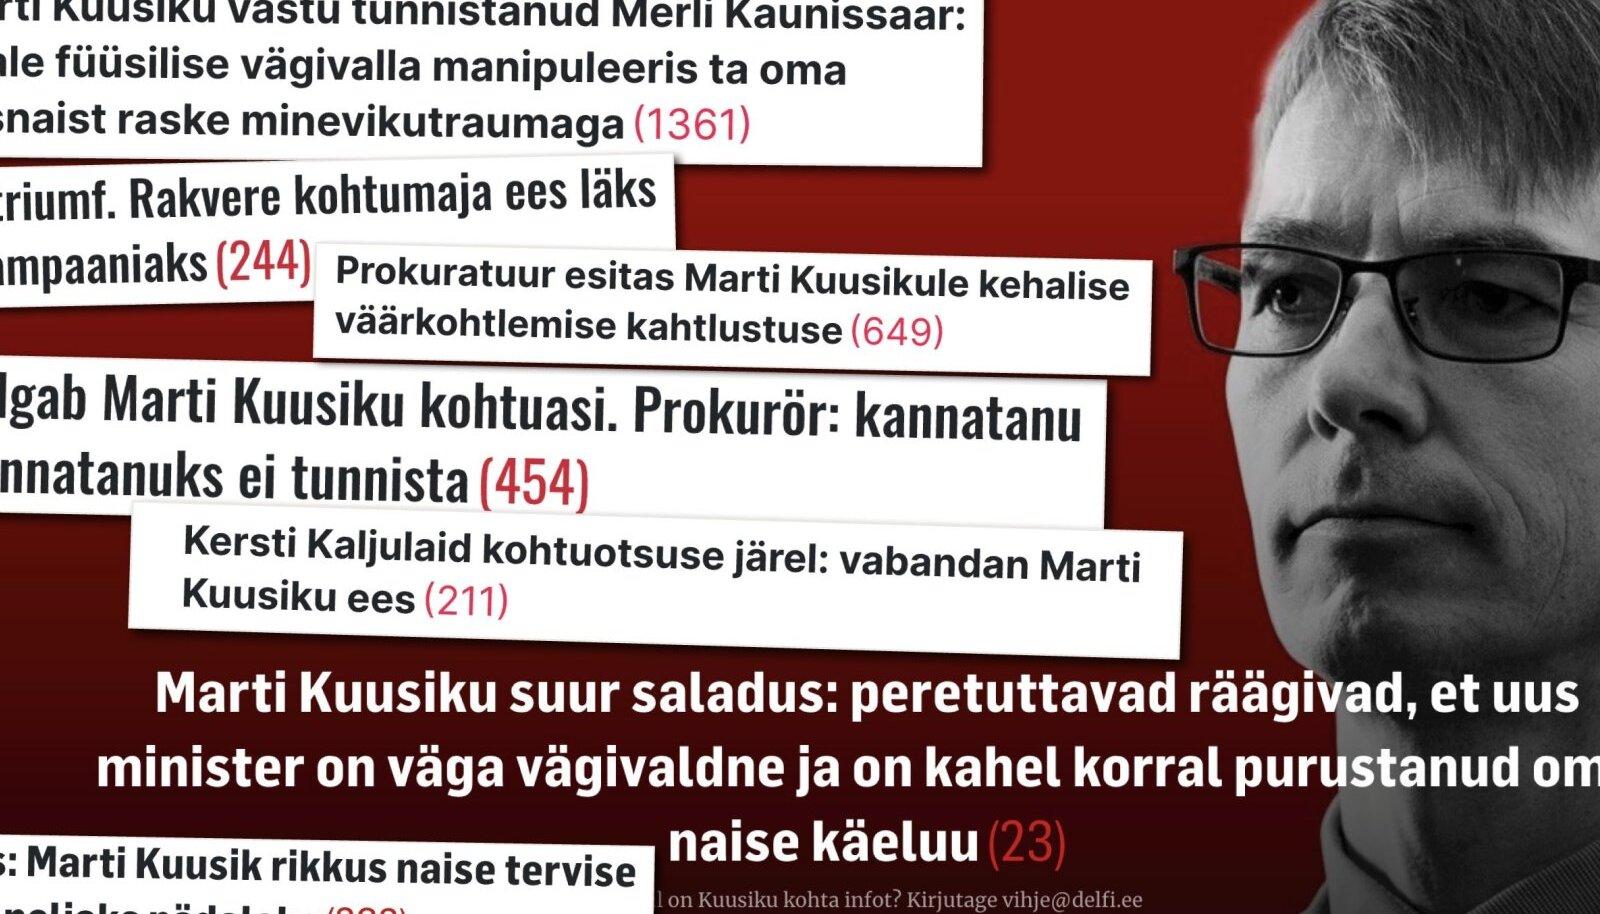 Marti Kuusiku kohtuasi tõi lähisuhtevägivalla teema teravamalt päevakorda kui kunagi varem. Ekspertide sõnul ei maksa perevägivalla all kannatajatel esimese kohtuastme otsusest enda jaoks järeldusi teha.